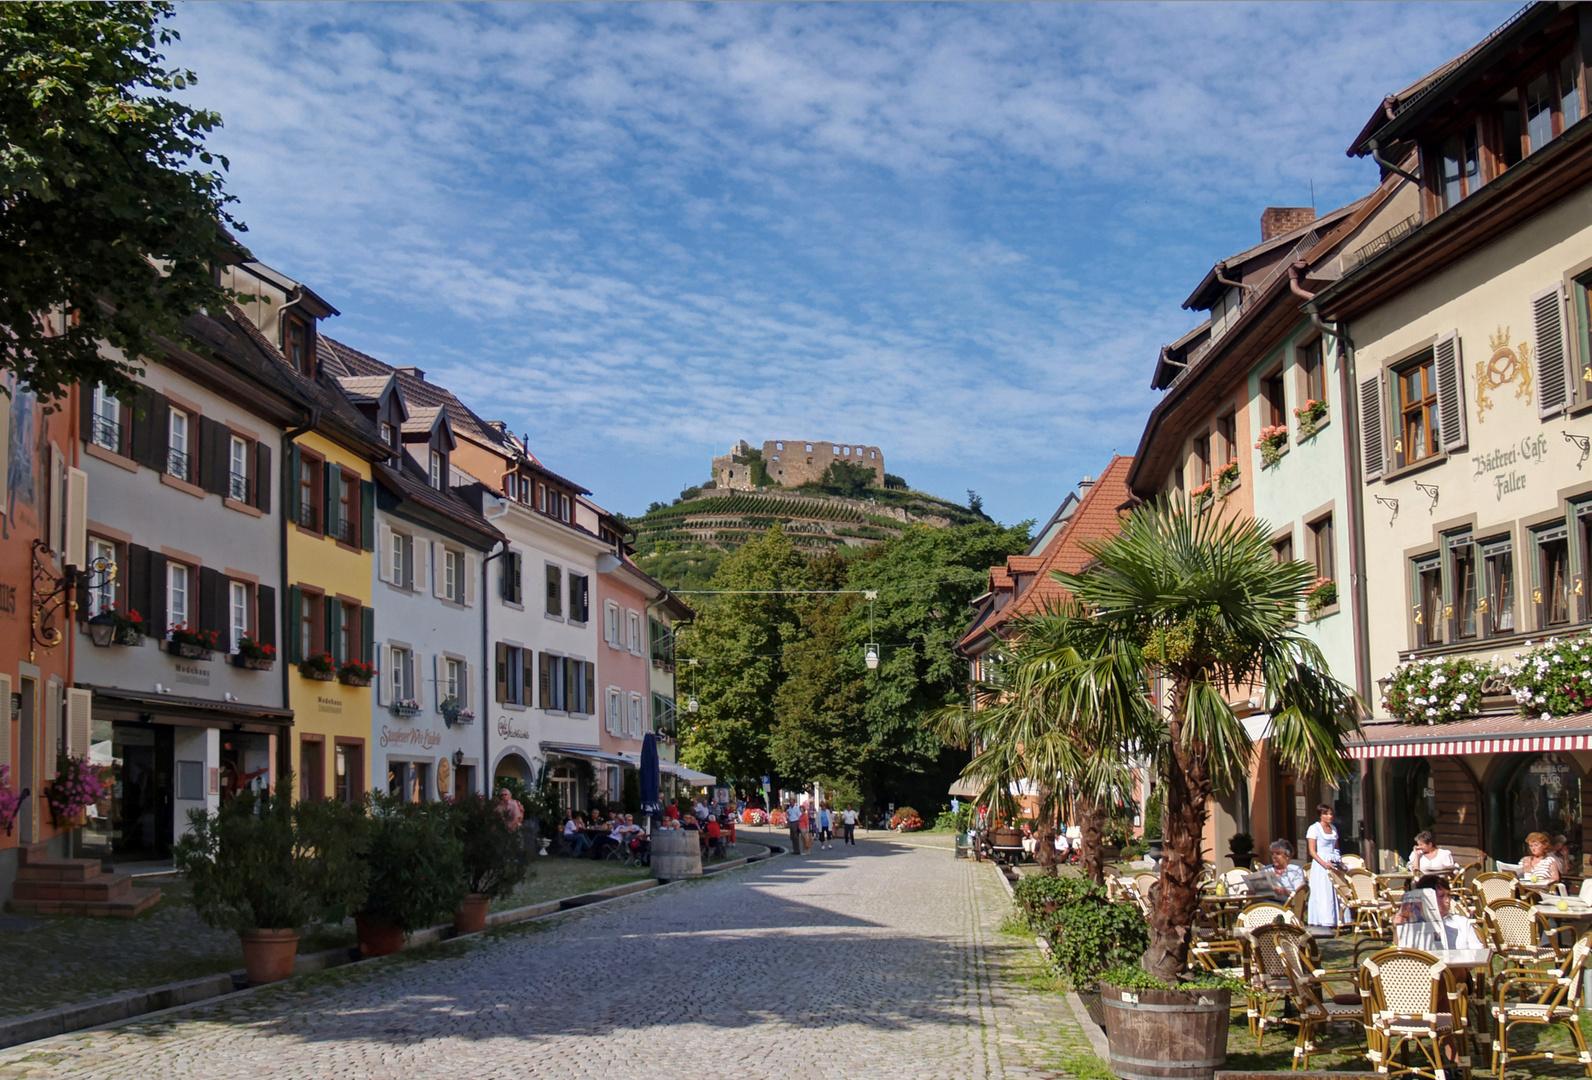 Staufen im Schwarzwald